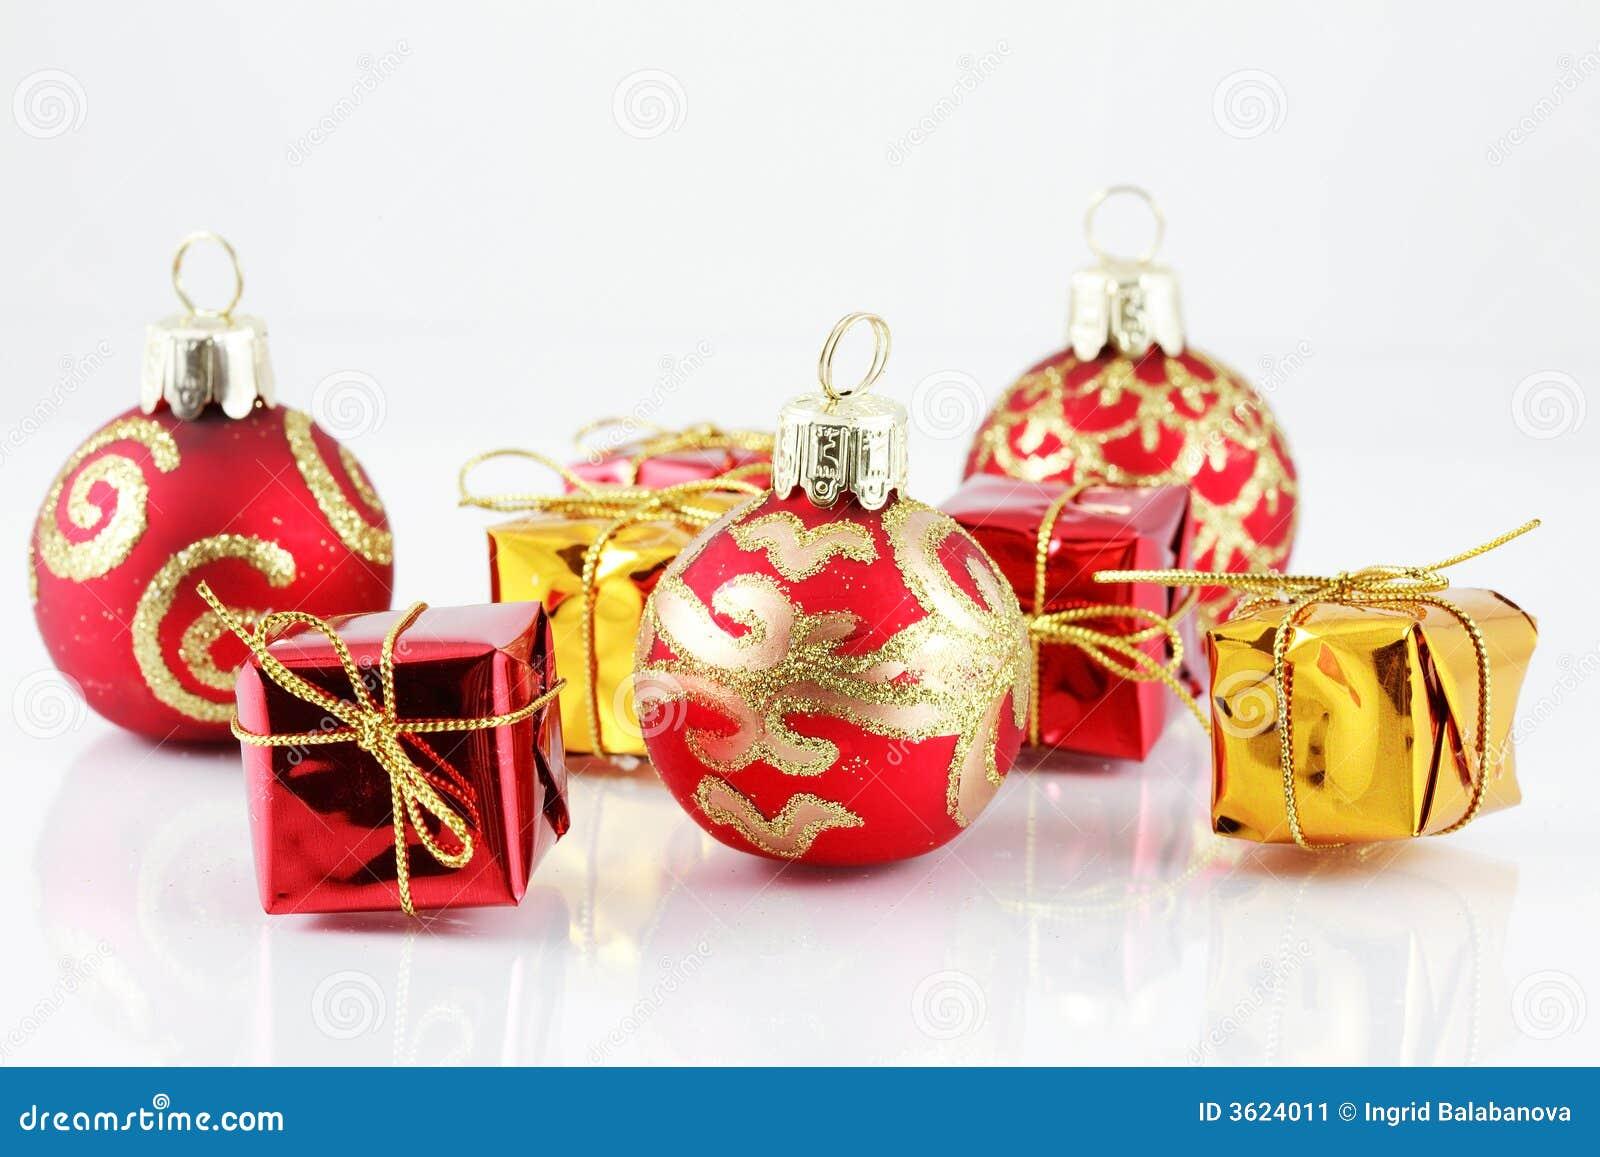 Balls christmas gifts